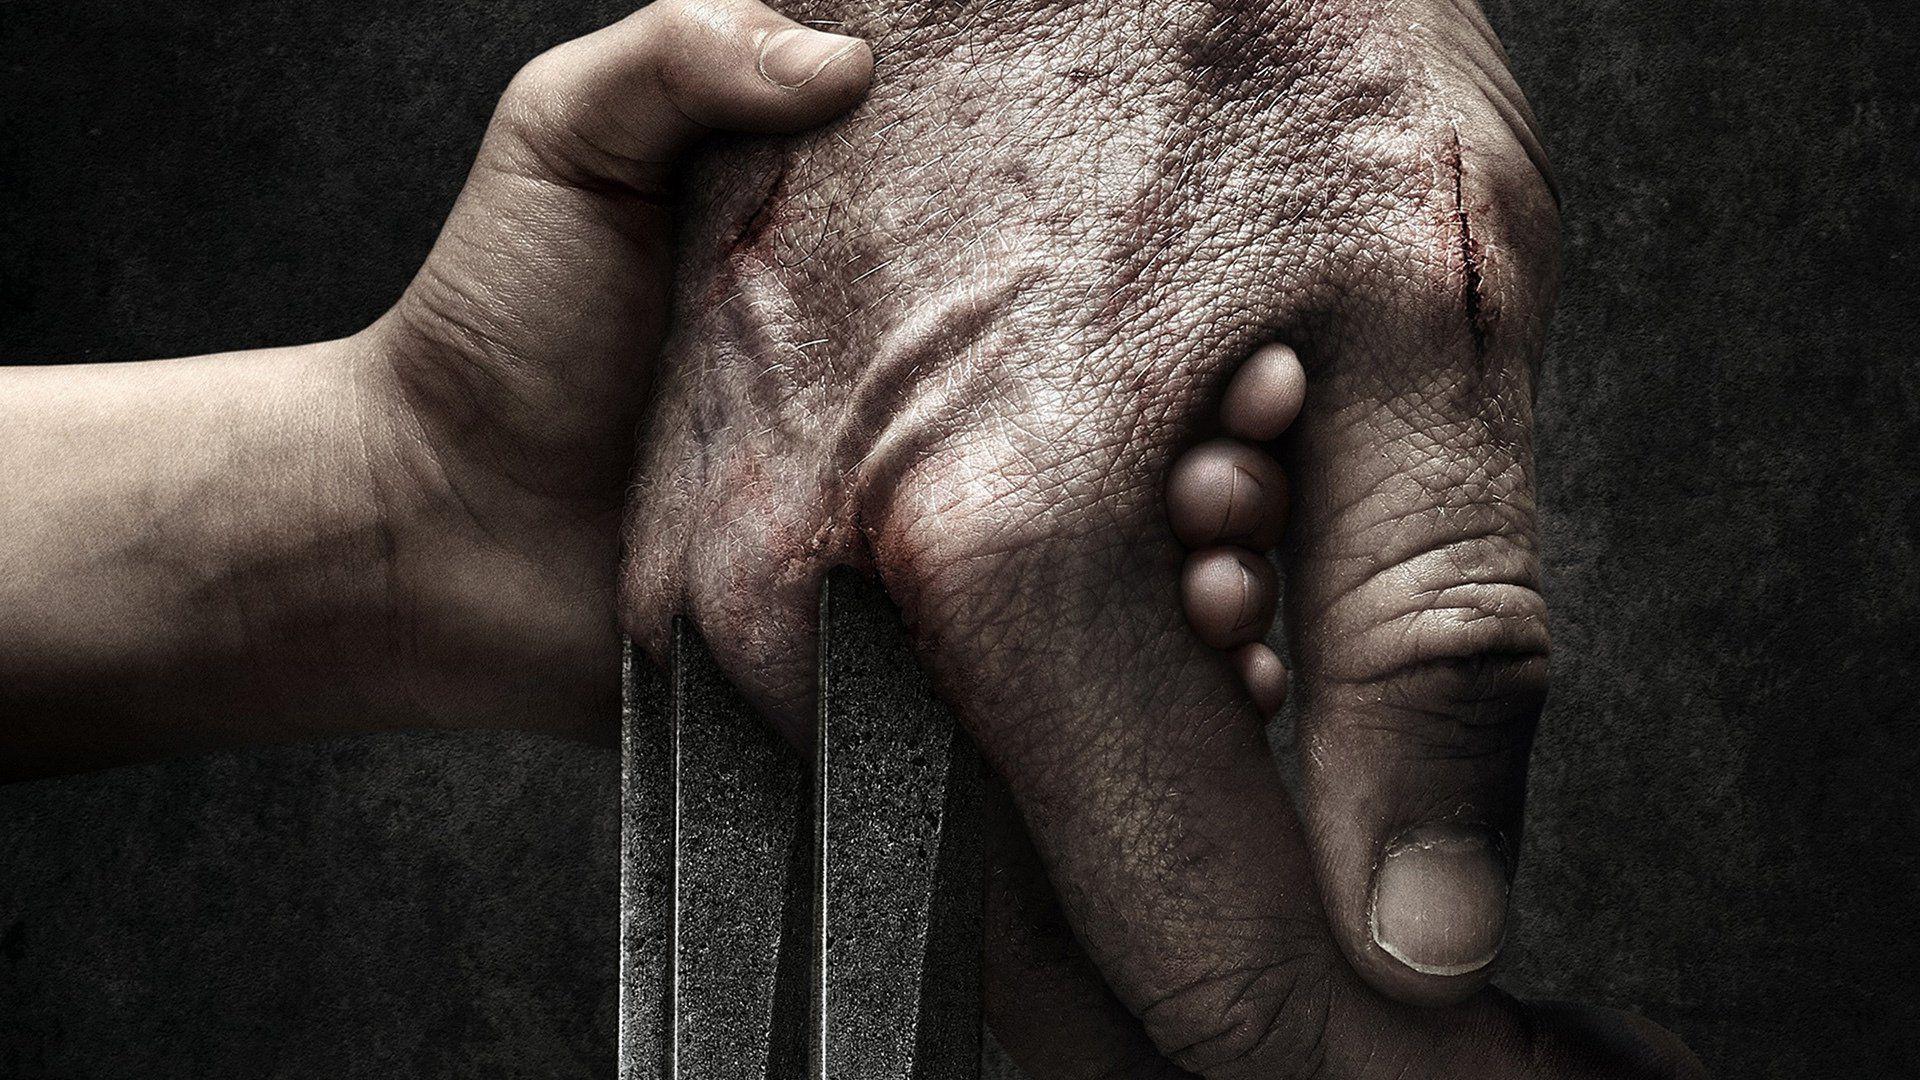 Imagem do filme Logan, que conta a estória de um Wolverine dos X-Men já velho. A imagem mostra a mão de Logan segurando a mão de X-23.